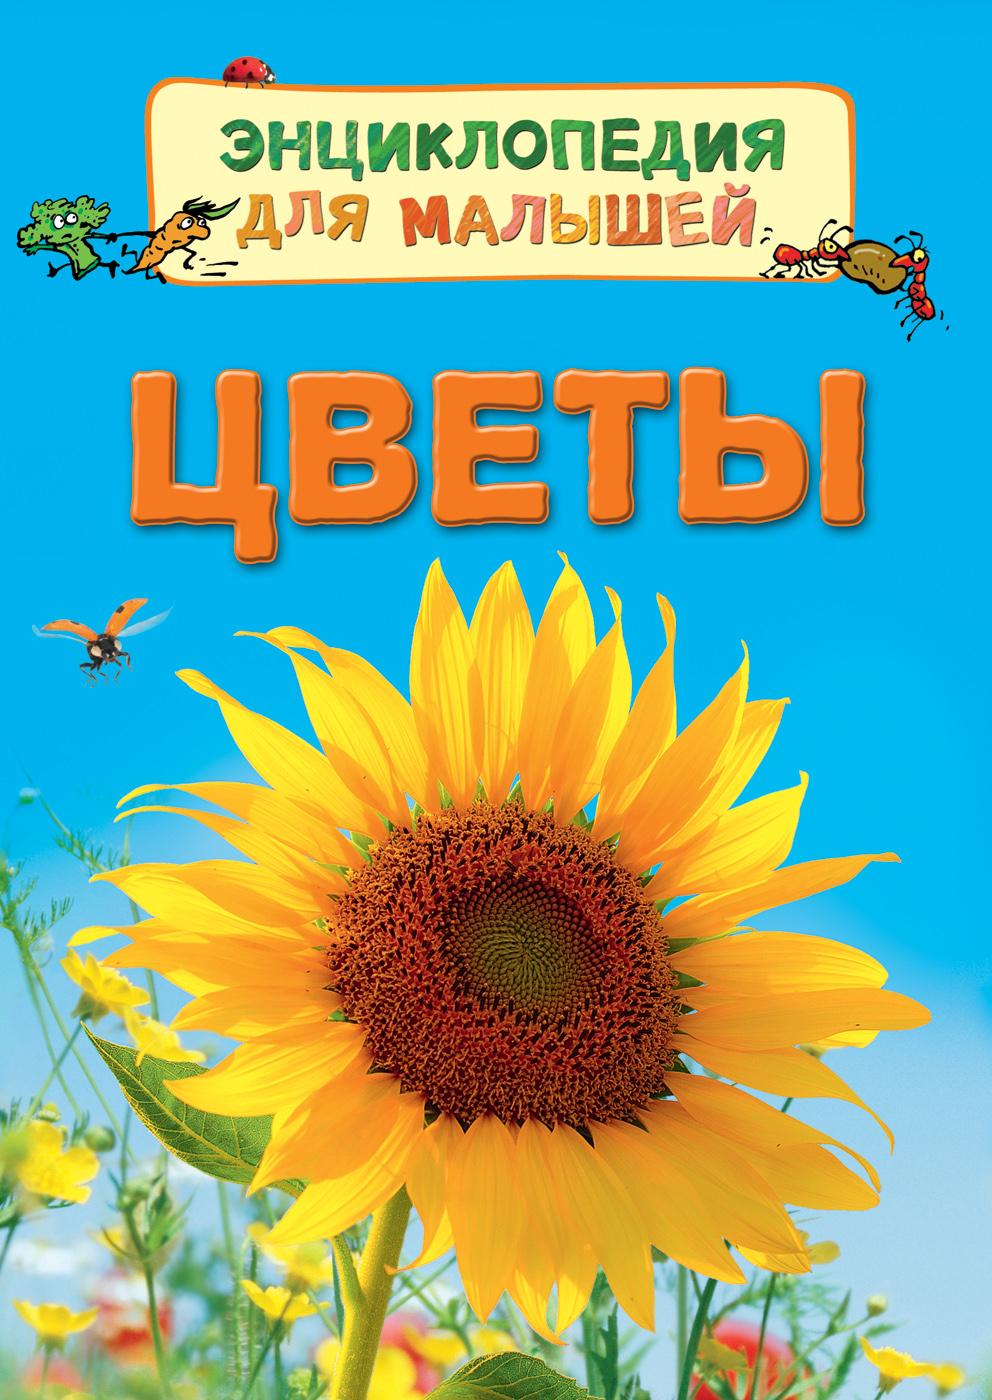 Хельбро Э. Цветы. Энциклопедия для малышей